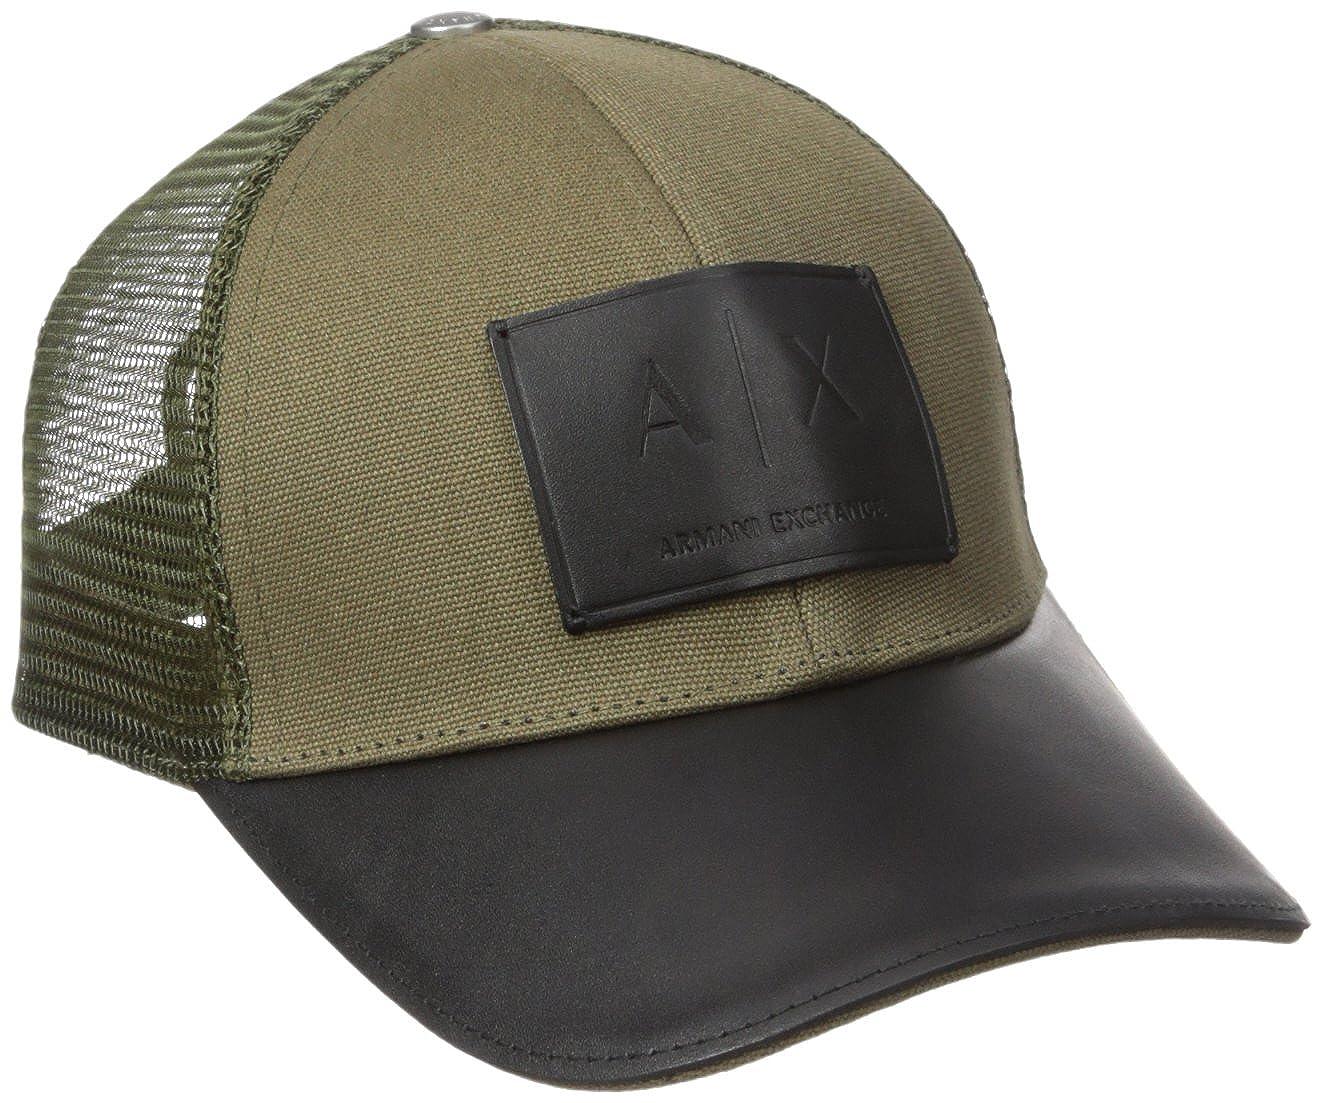 a6a23e5ccb3 Amazon.com  Armani Exchange Men s Logo Patch Mesh Baseball Hat ...